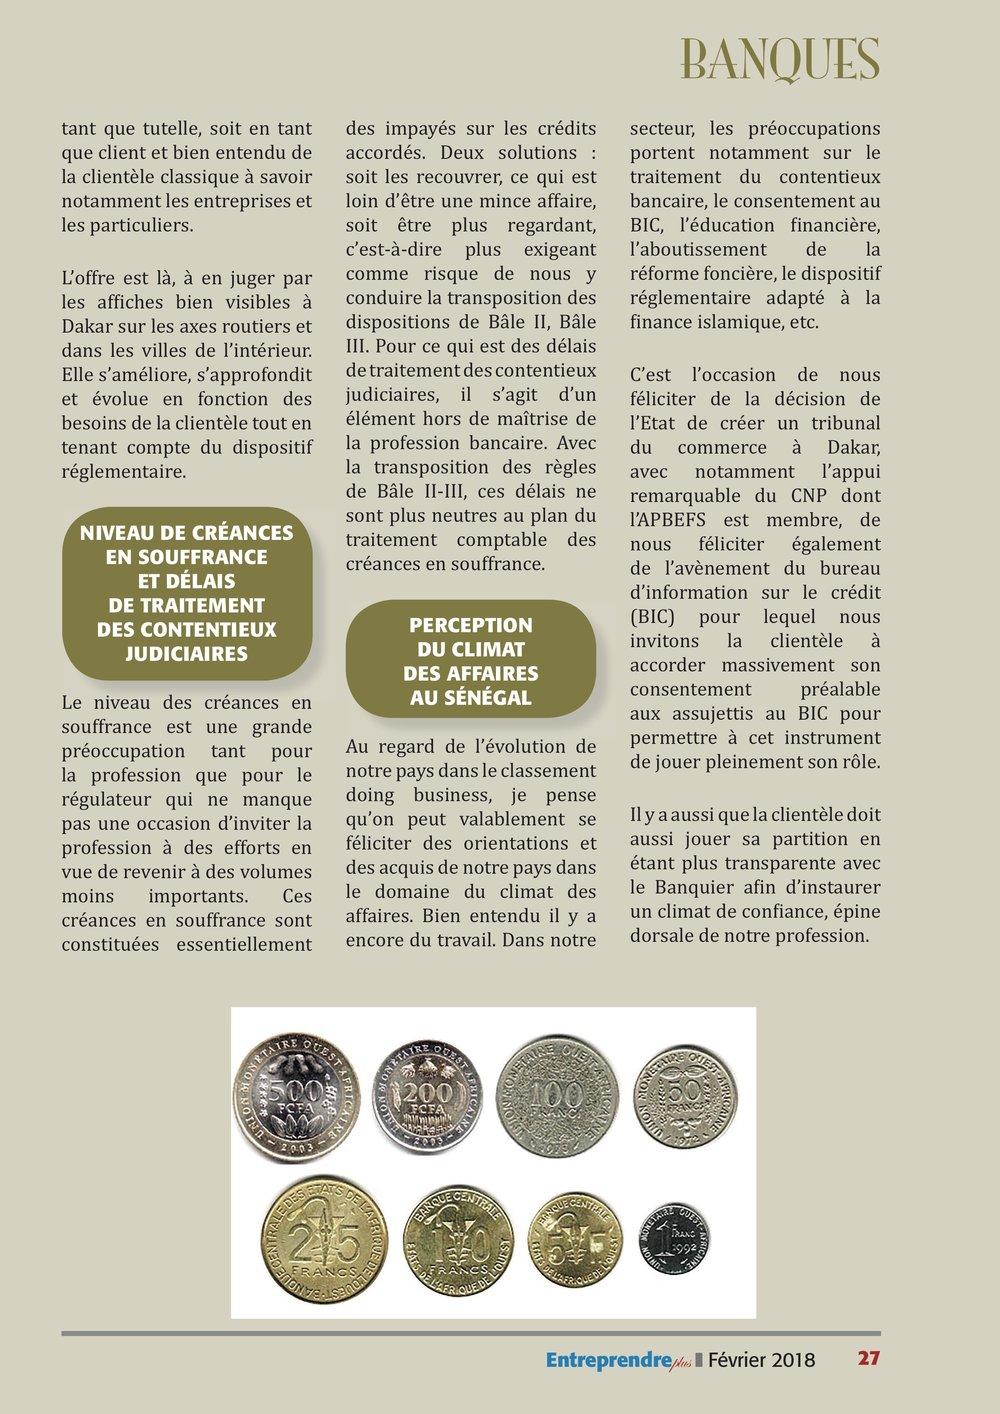 2_Entreprendreplus Apbef.jpg